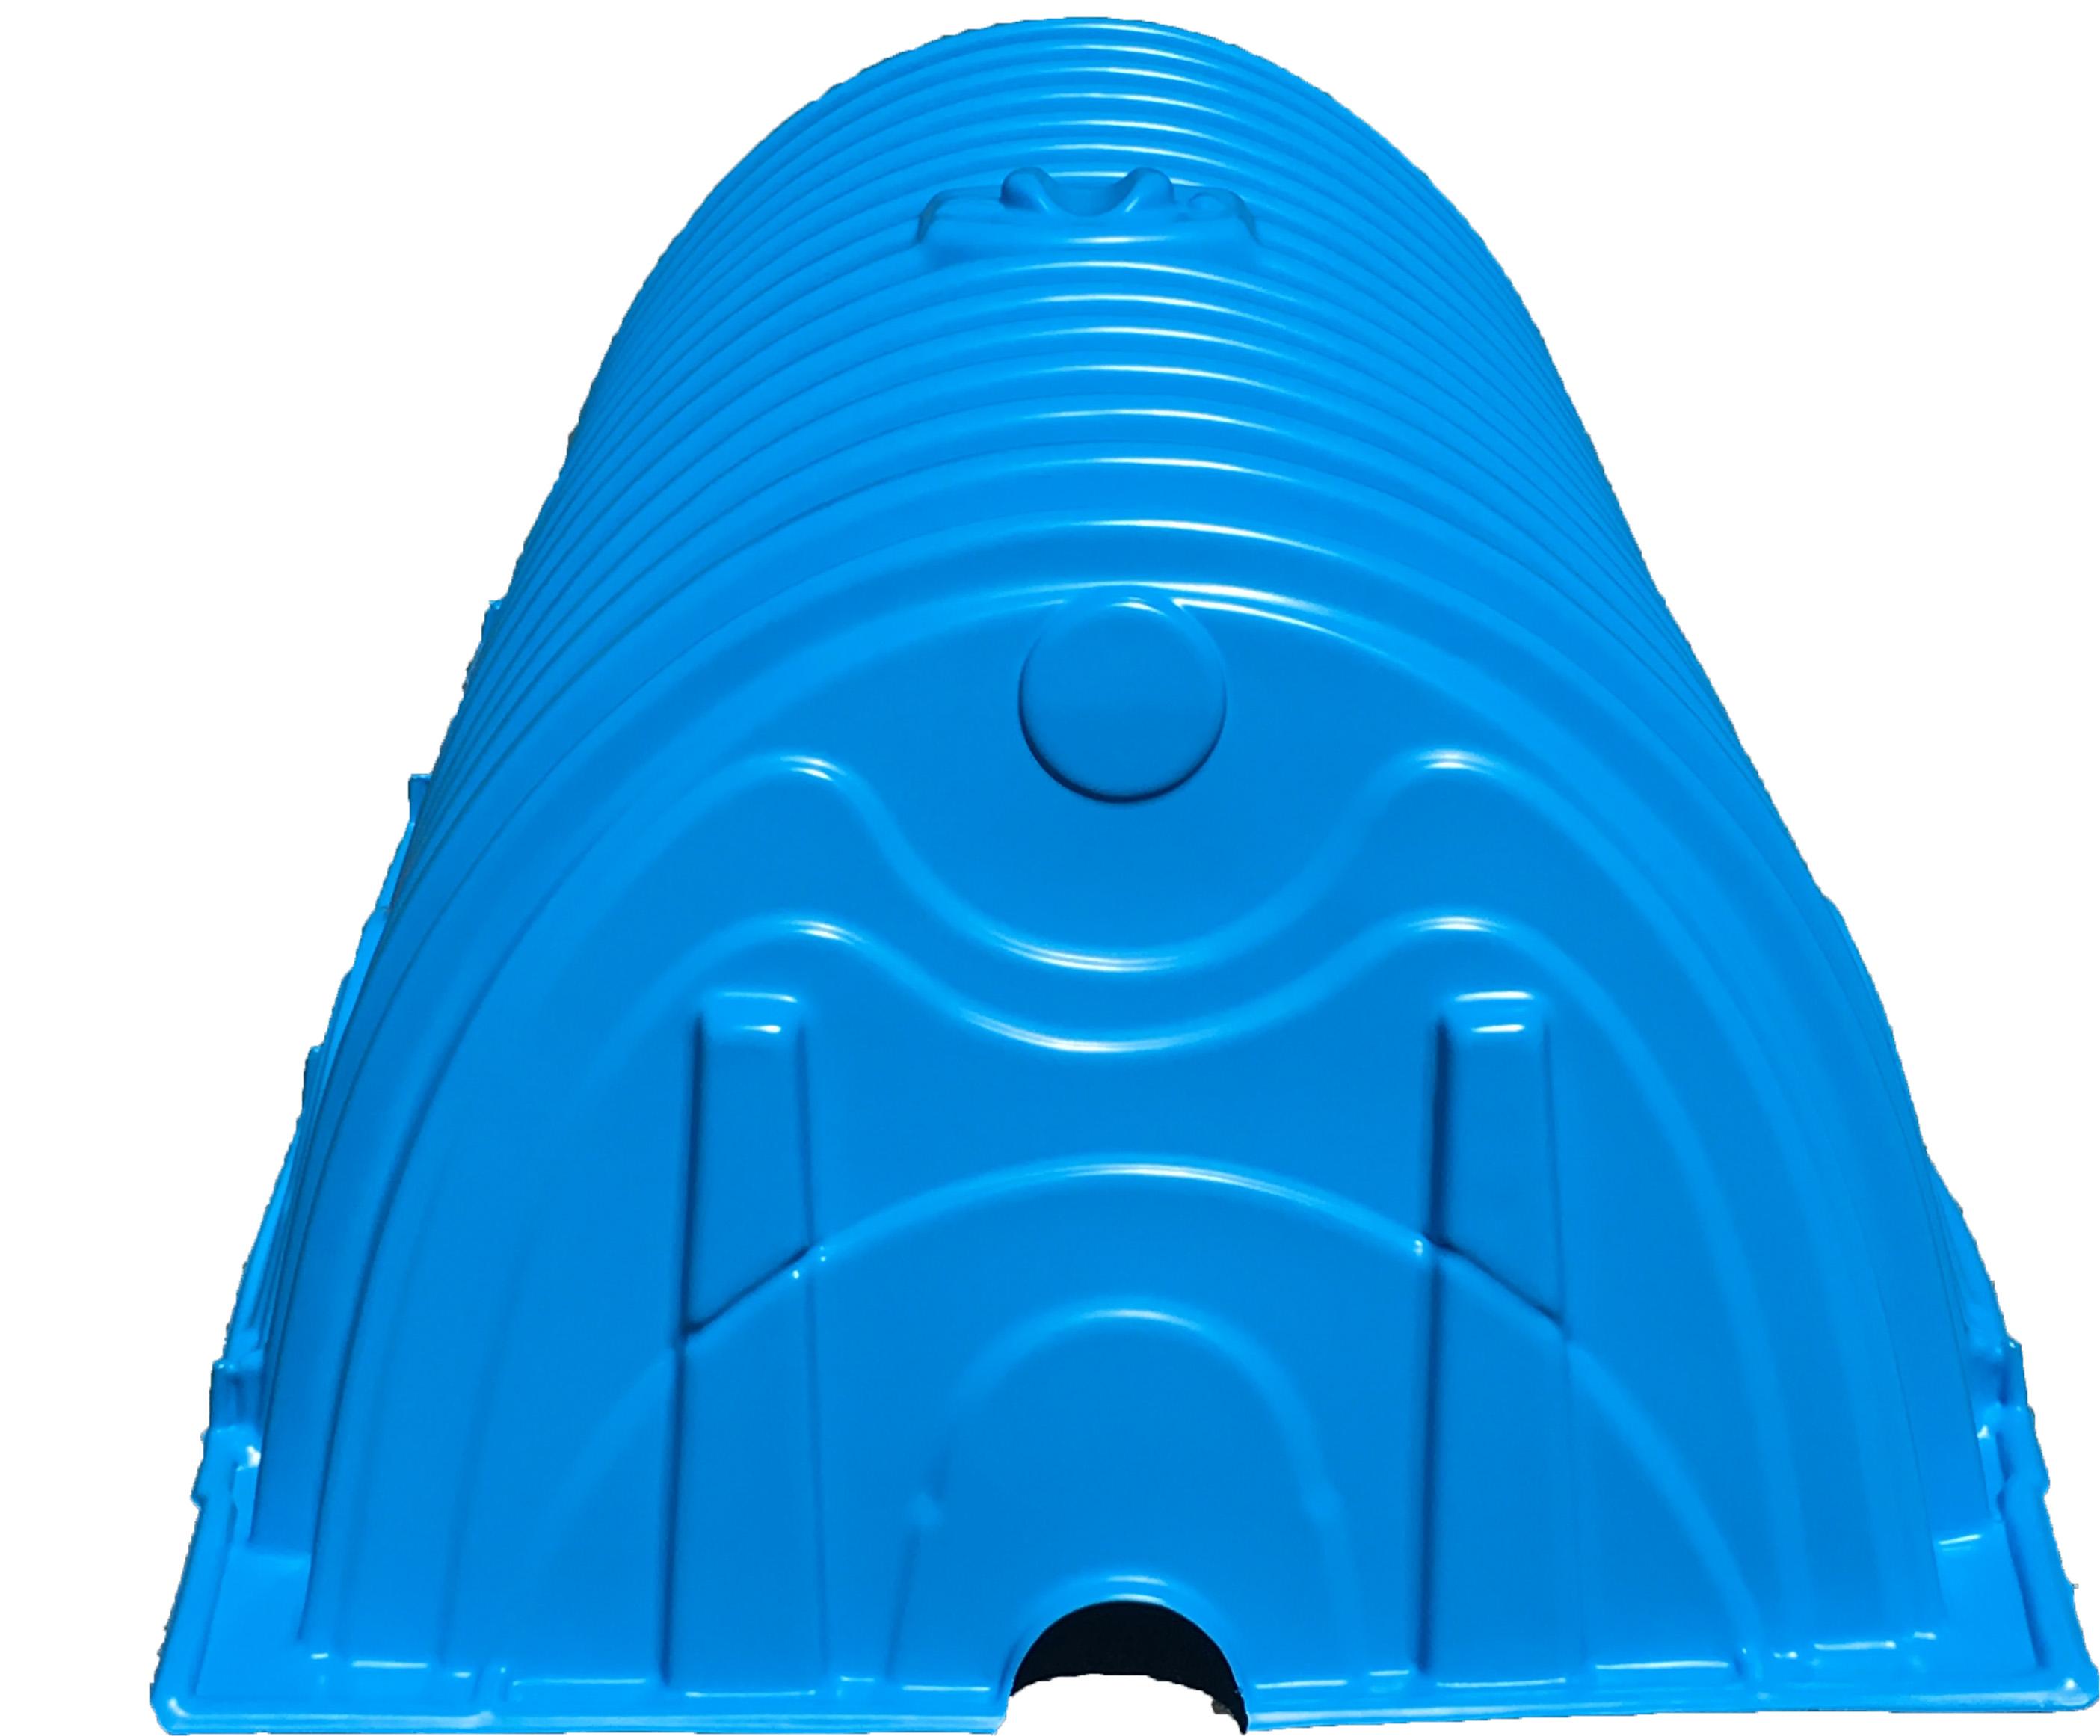 330xlhd-blue-front